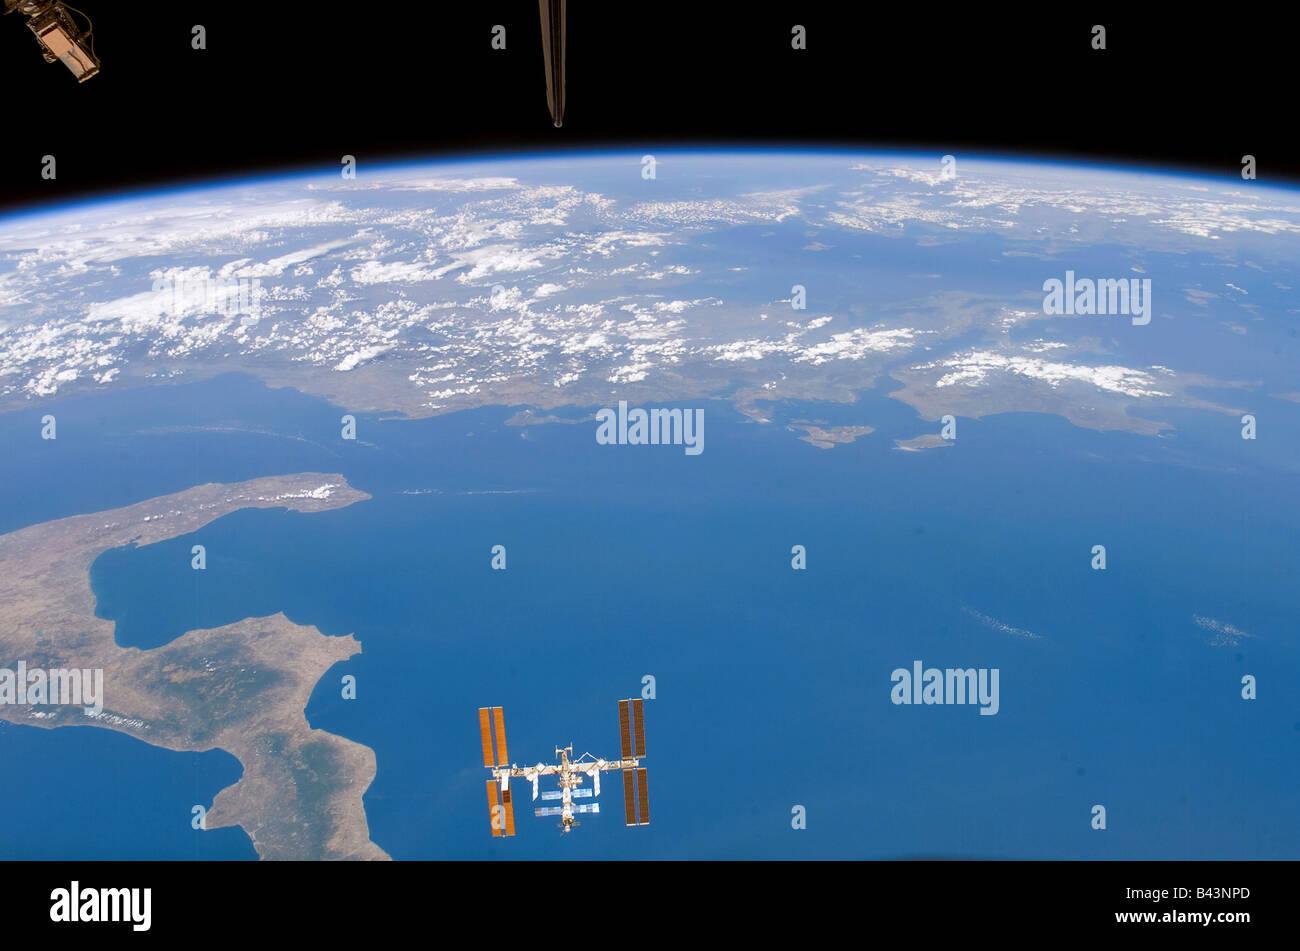 Internationale Raumstation ISS über die Erde mit einen teilweisen Blick auf Italien Stockbild